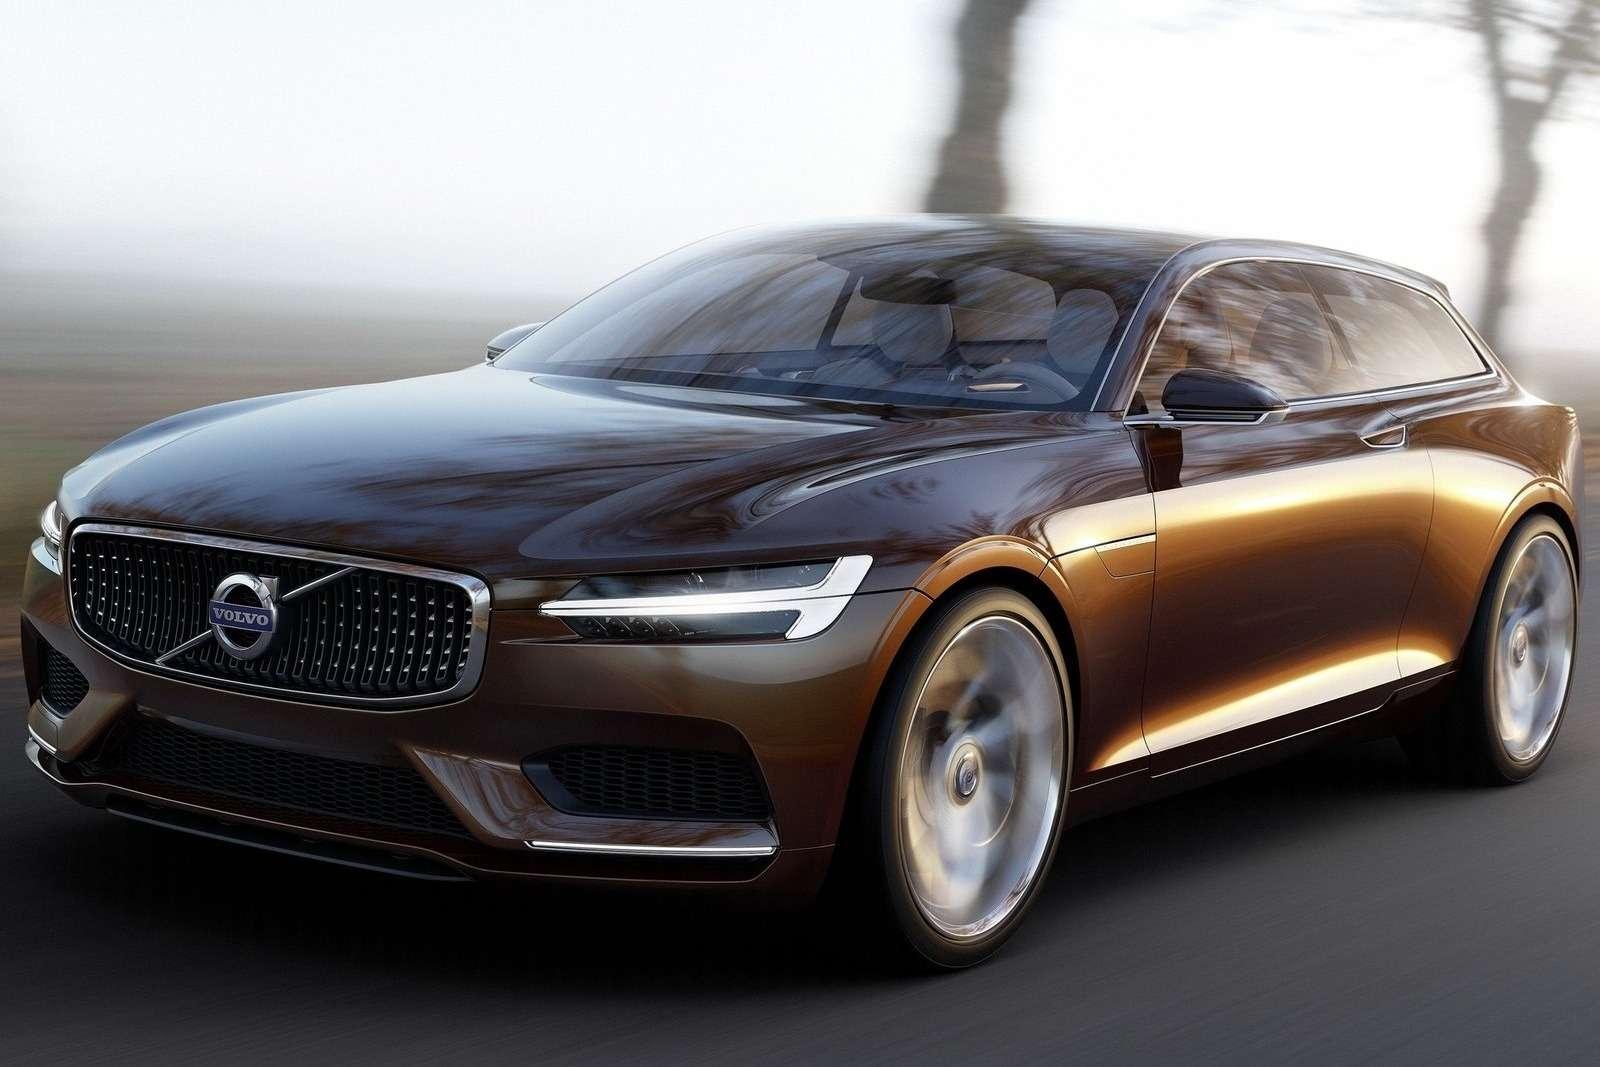 Volvo-Estate_Concept_2014_1600x1200_wallpaper_02